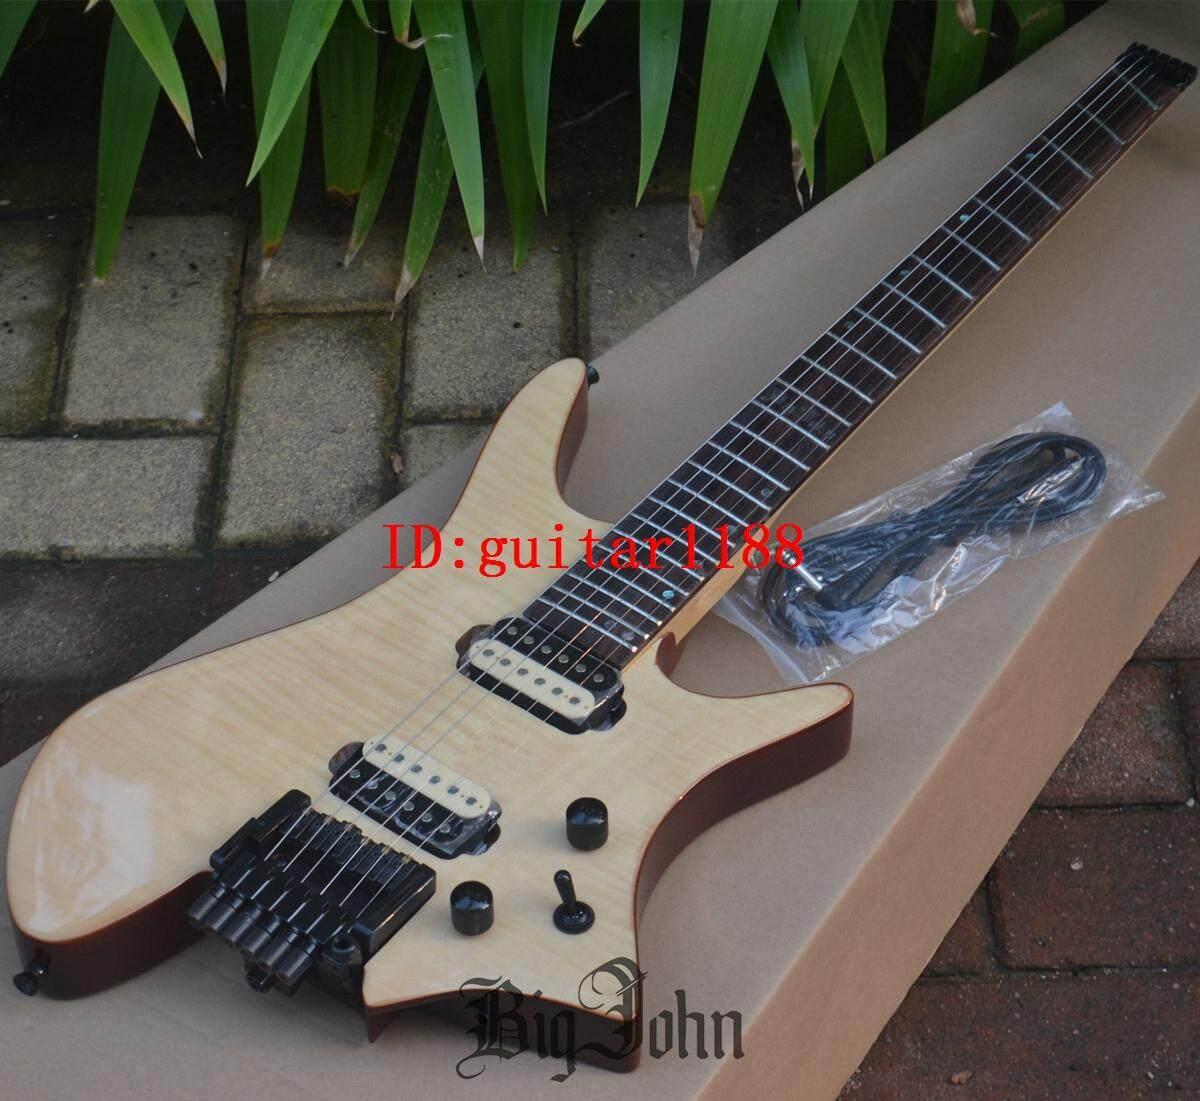 Mới Quạt Fretted Không Đầu Đàn Guitar Điện, Gỗ Hồng Sắc Ván Trượt Ngón Tay Ngọn Lửa Phong Top Gỗ Gụ Cơ Thể HG-64